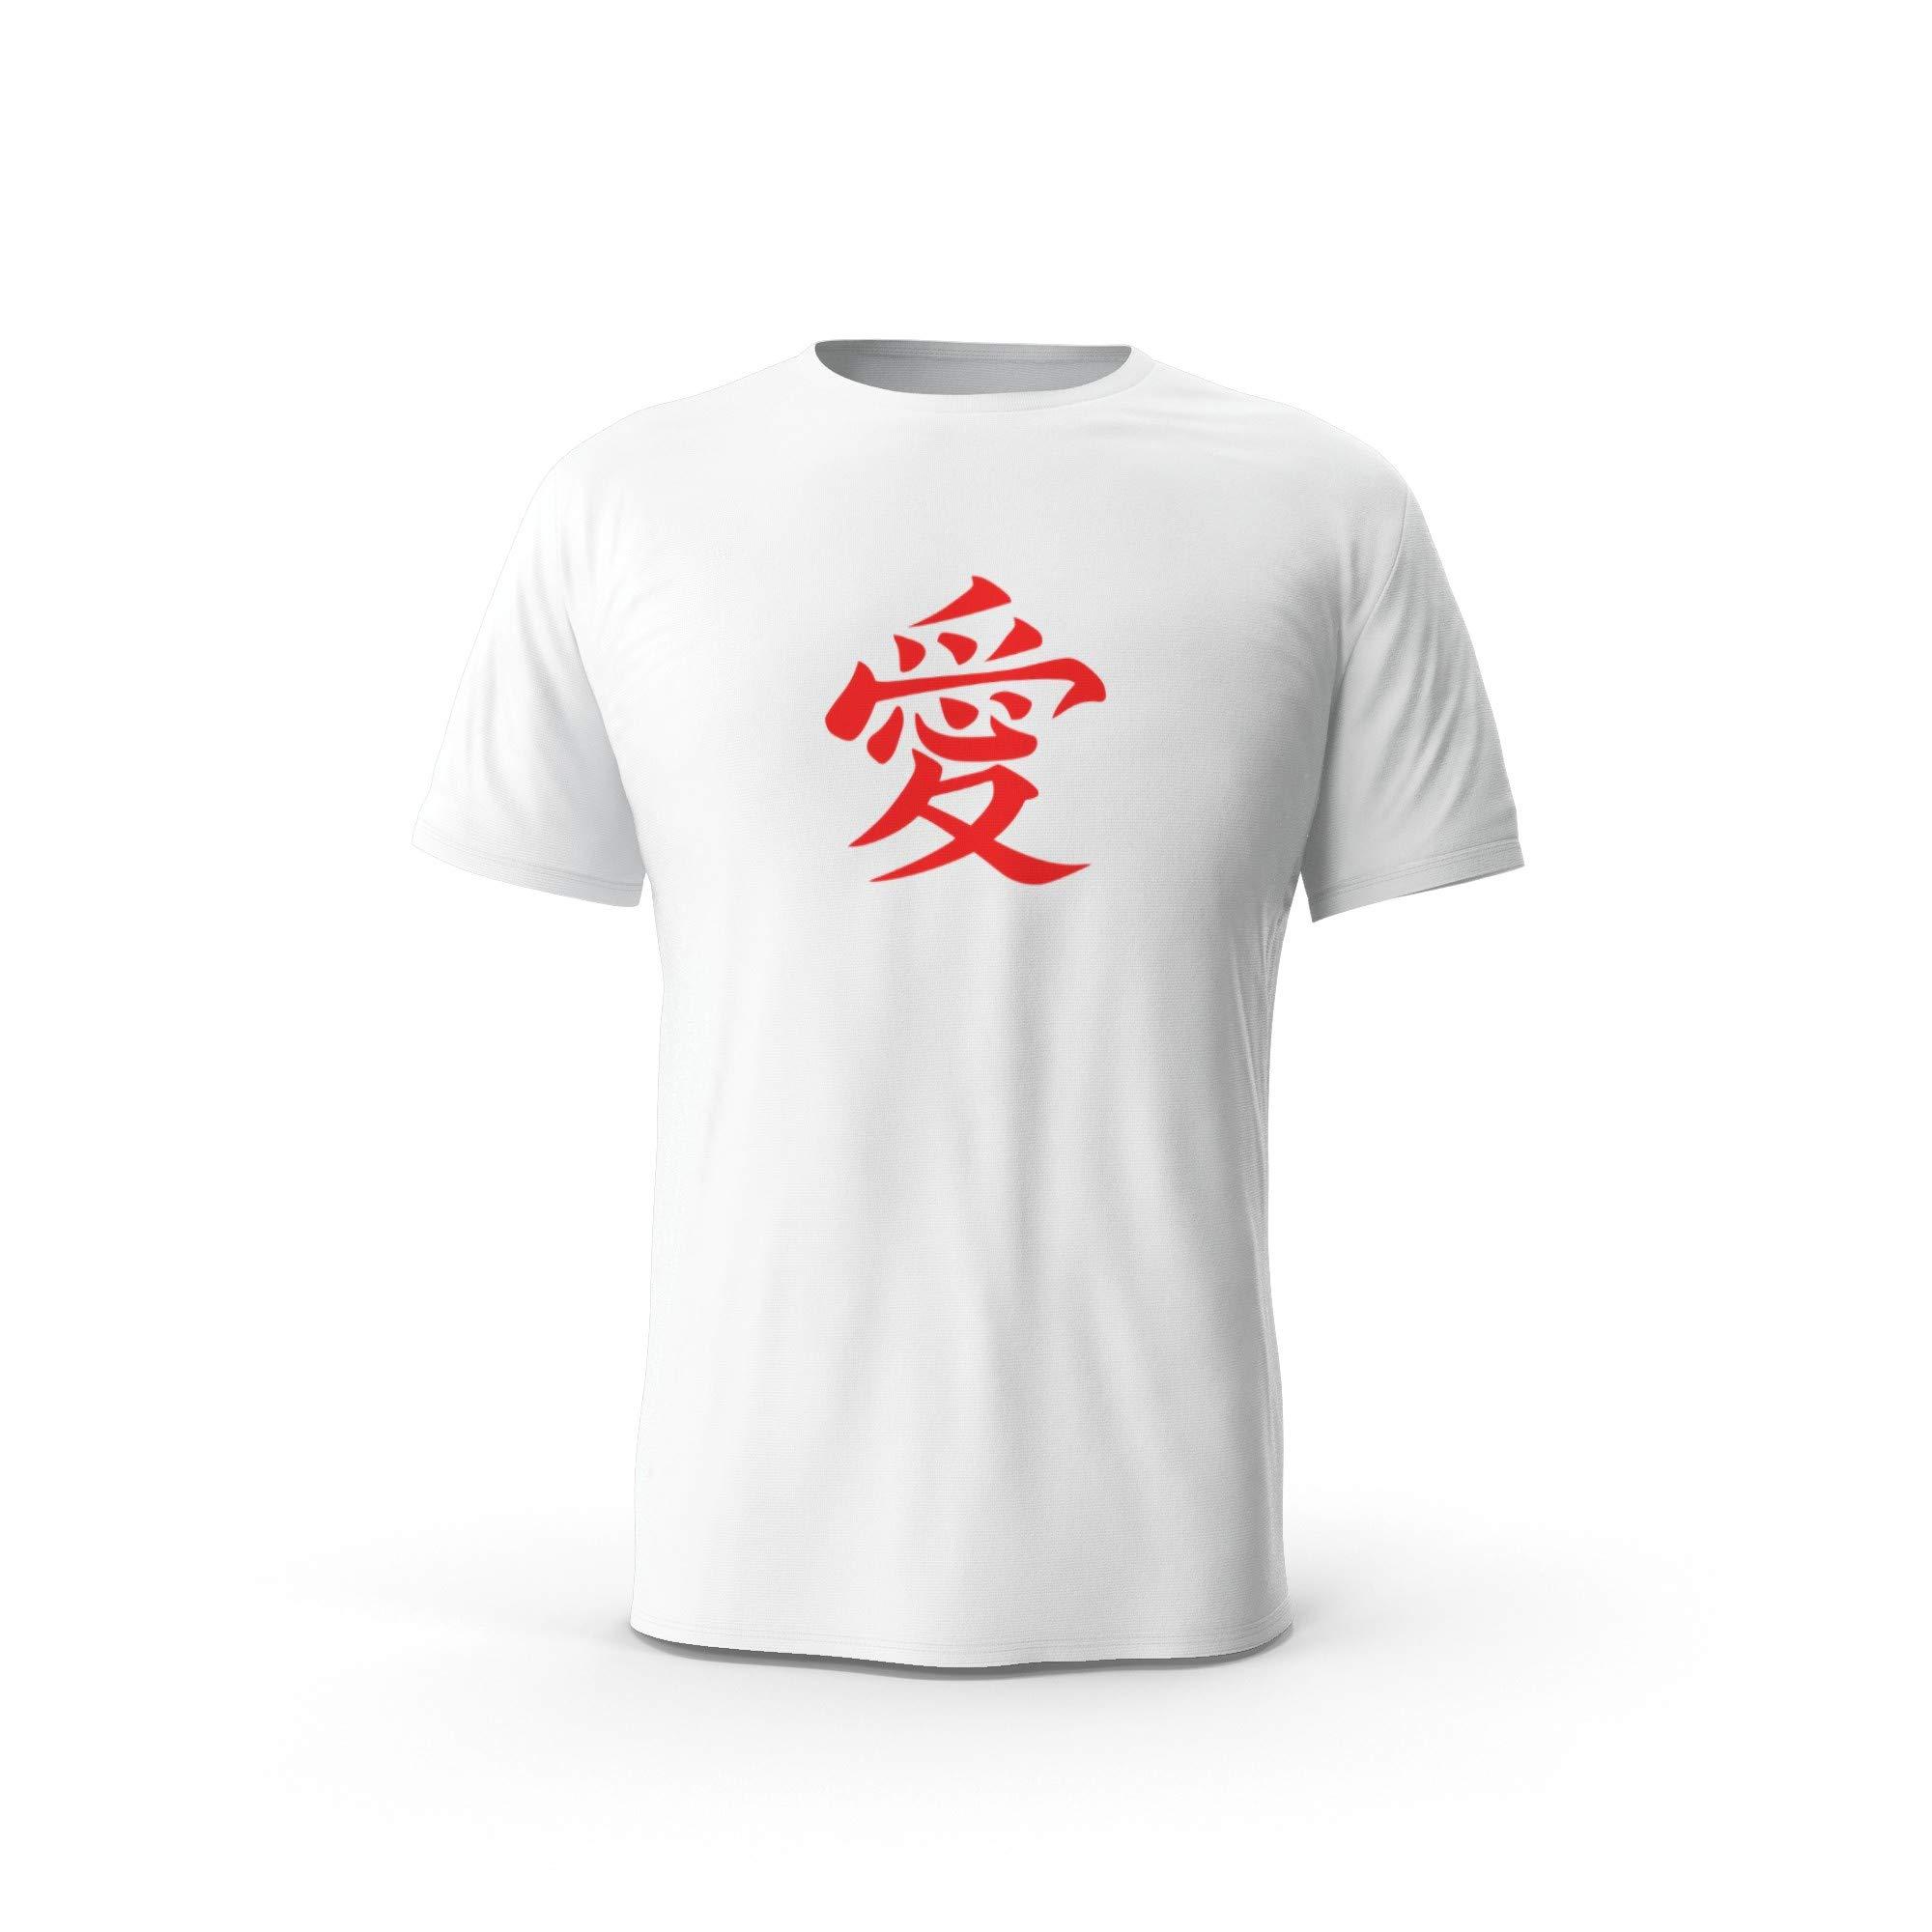 Total Basics Gaara Seal Anime Naruto Premium Unisex T Shirt